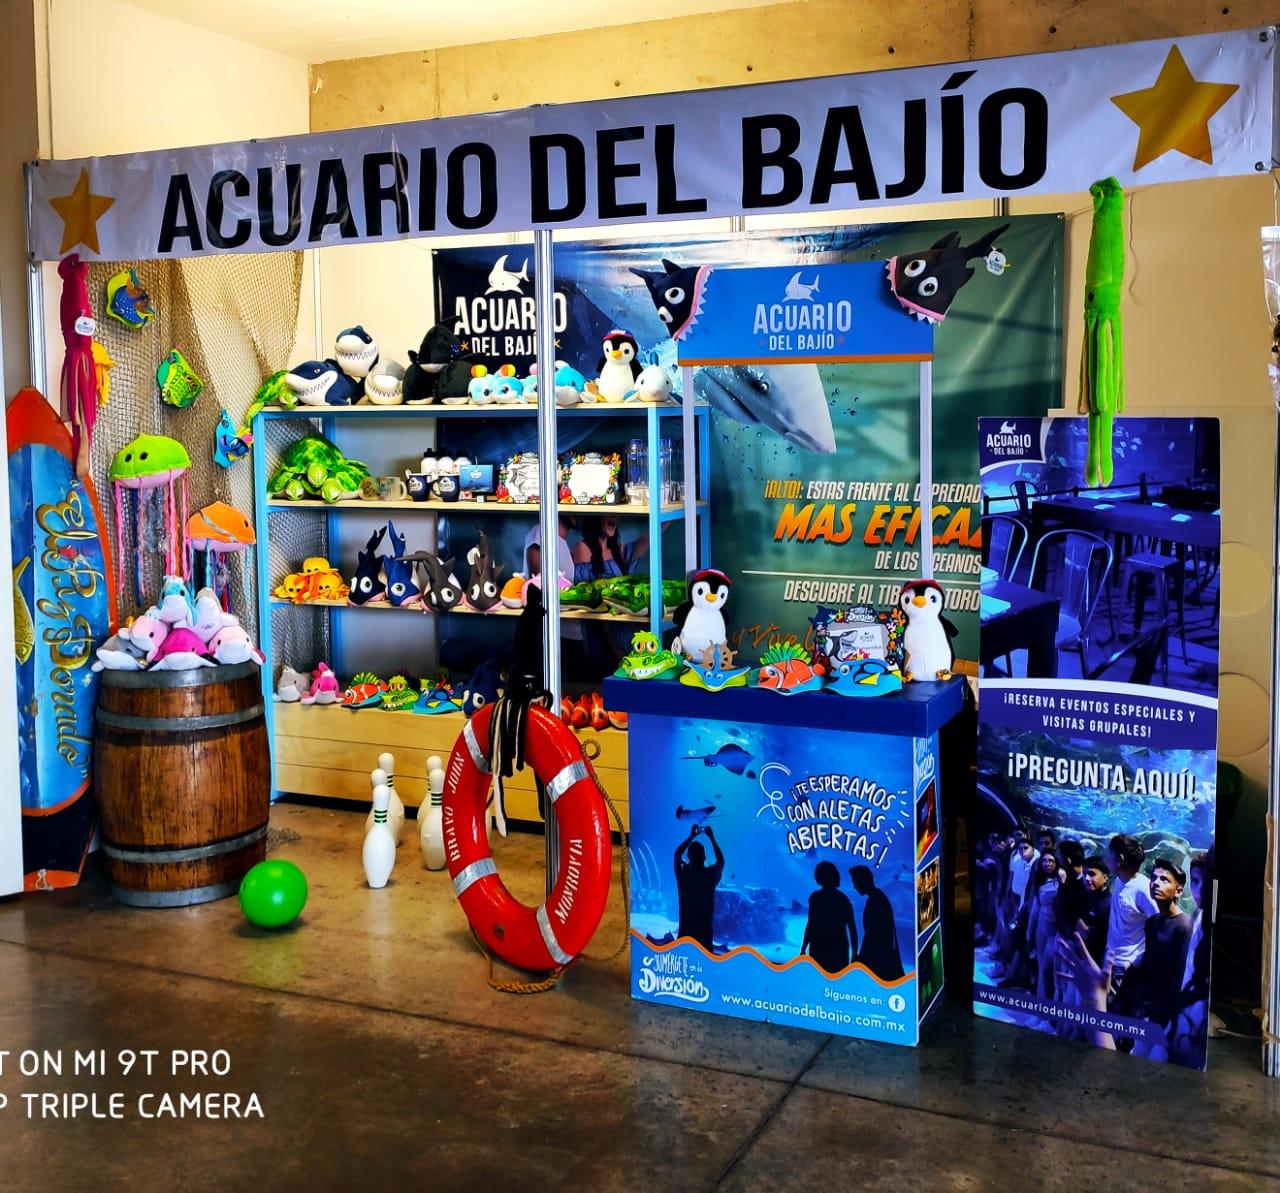 Acuario del Bajío Presente En Una De Las Ferias Más Grandes De México